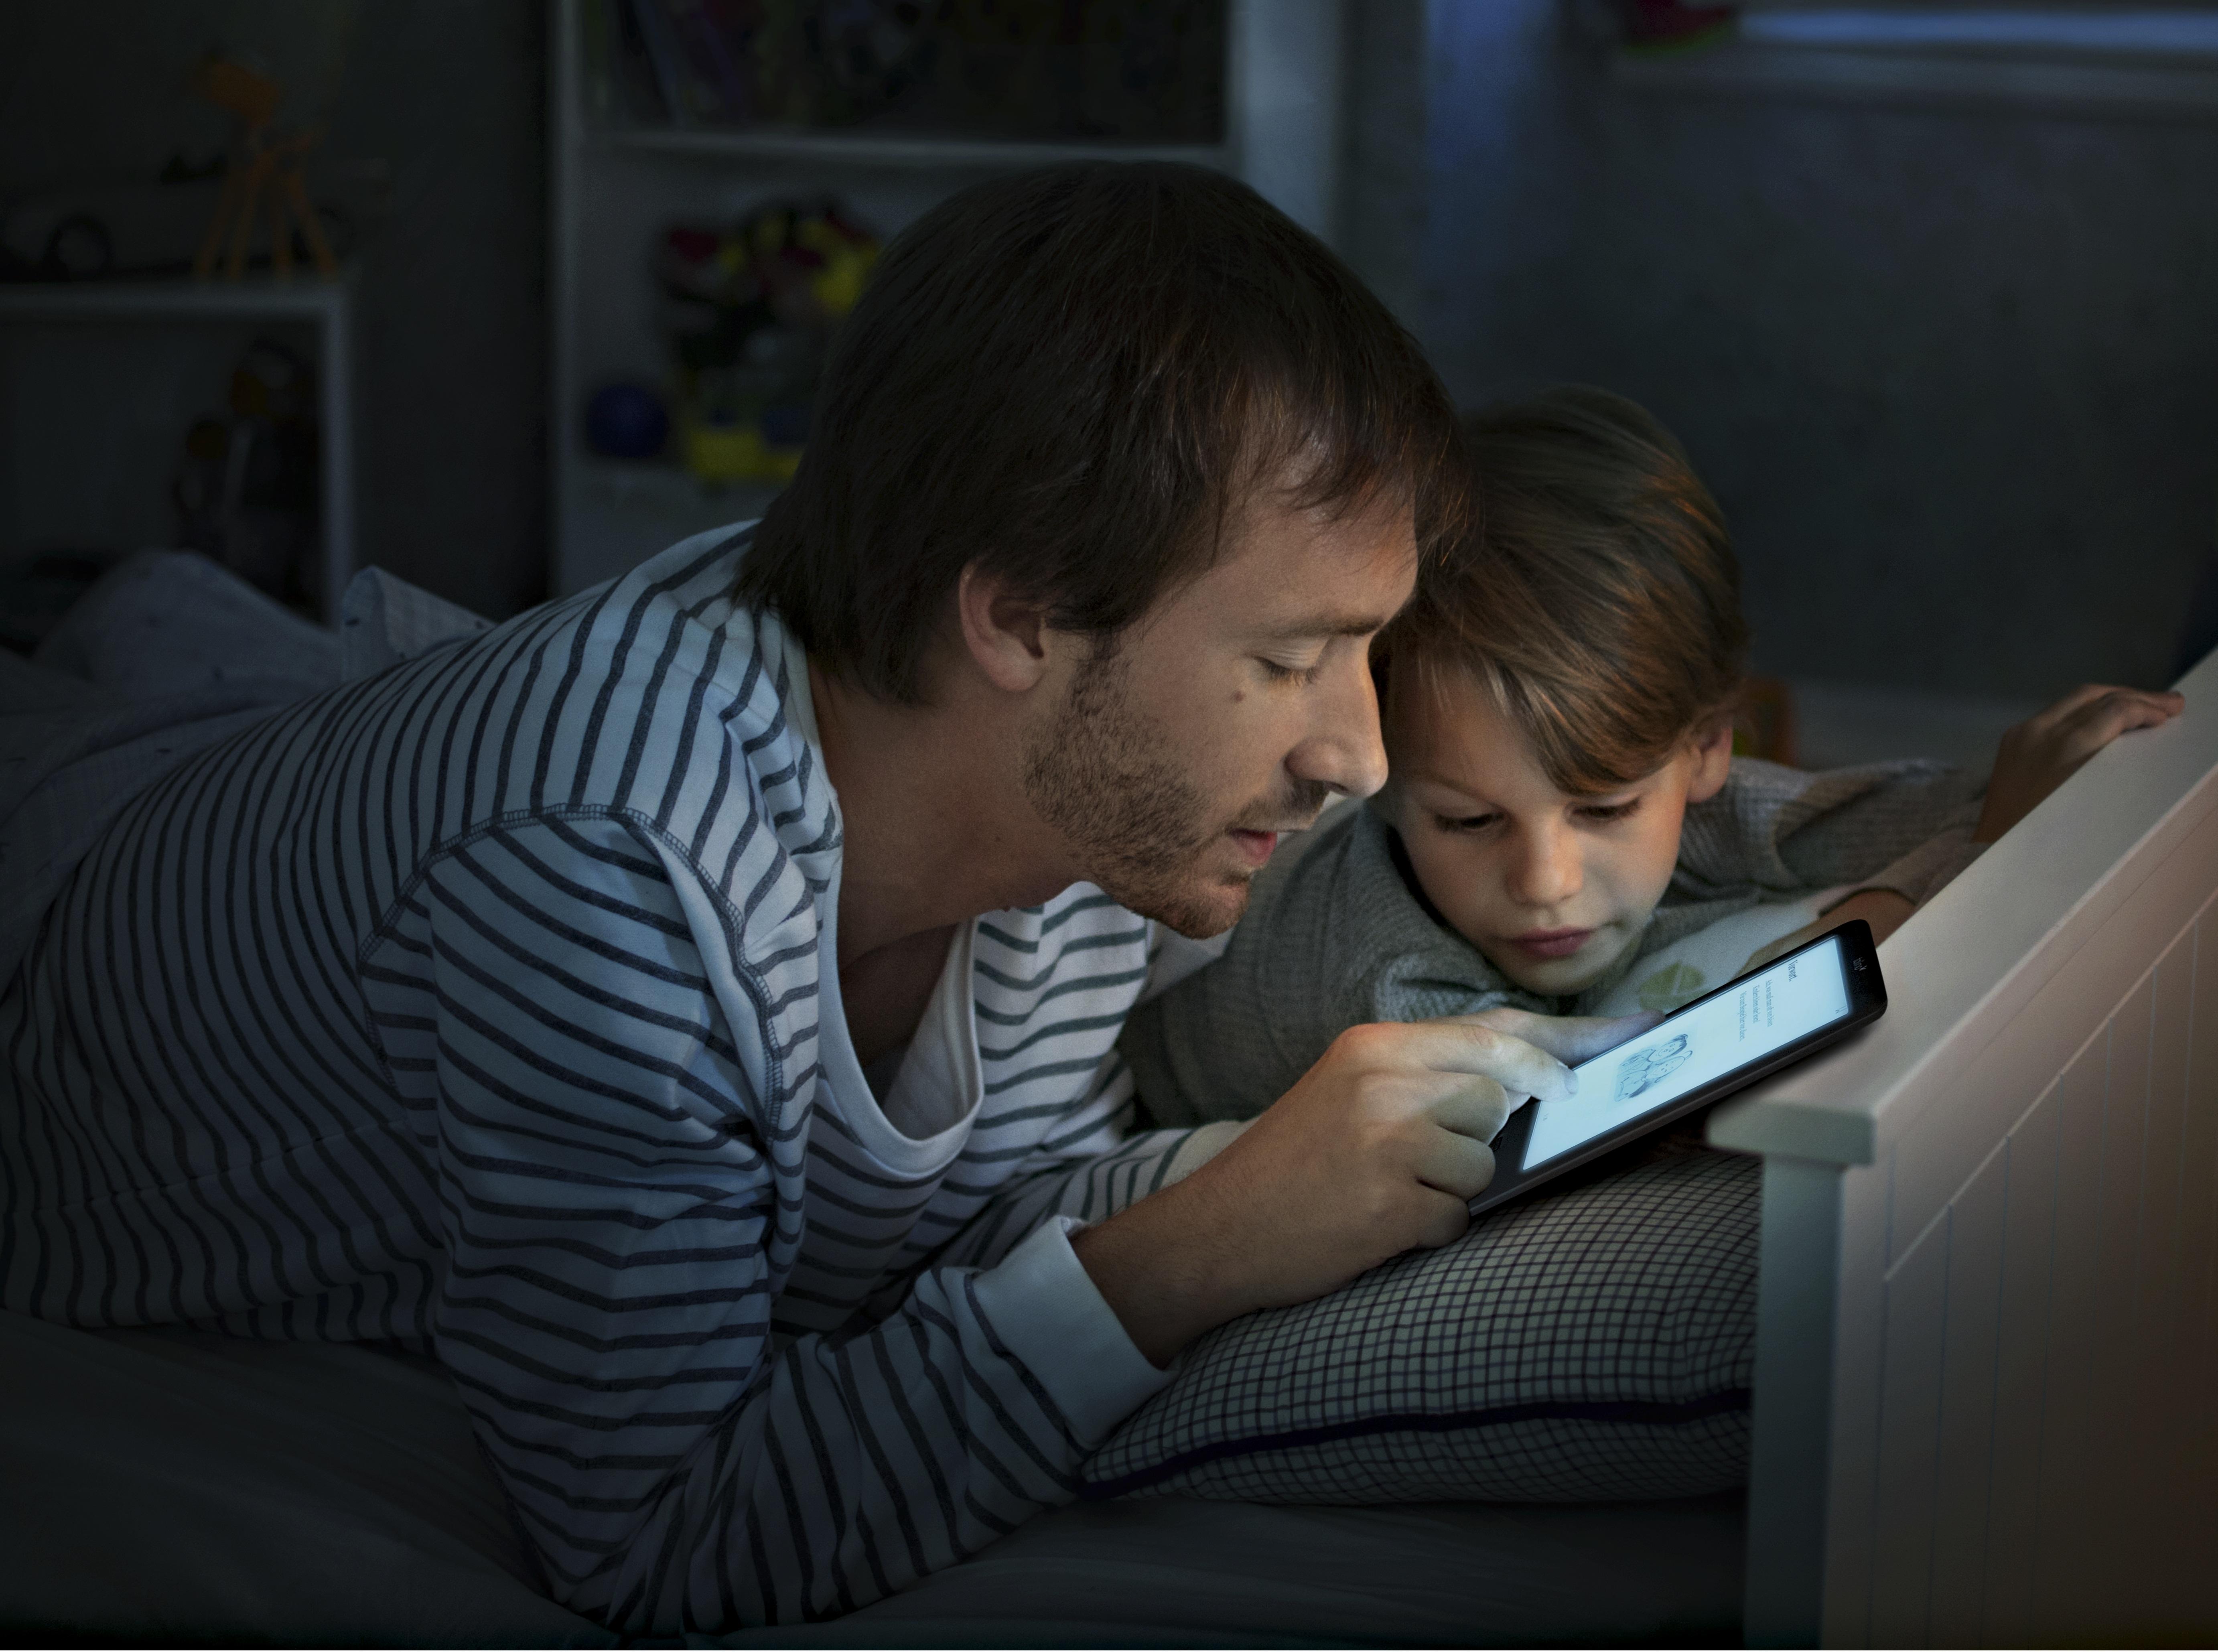 tolino shine integrierte beleuchtung. Black Bedroom Furniture Sets. Home Design Ideas